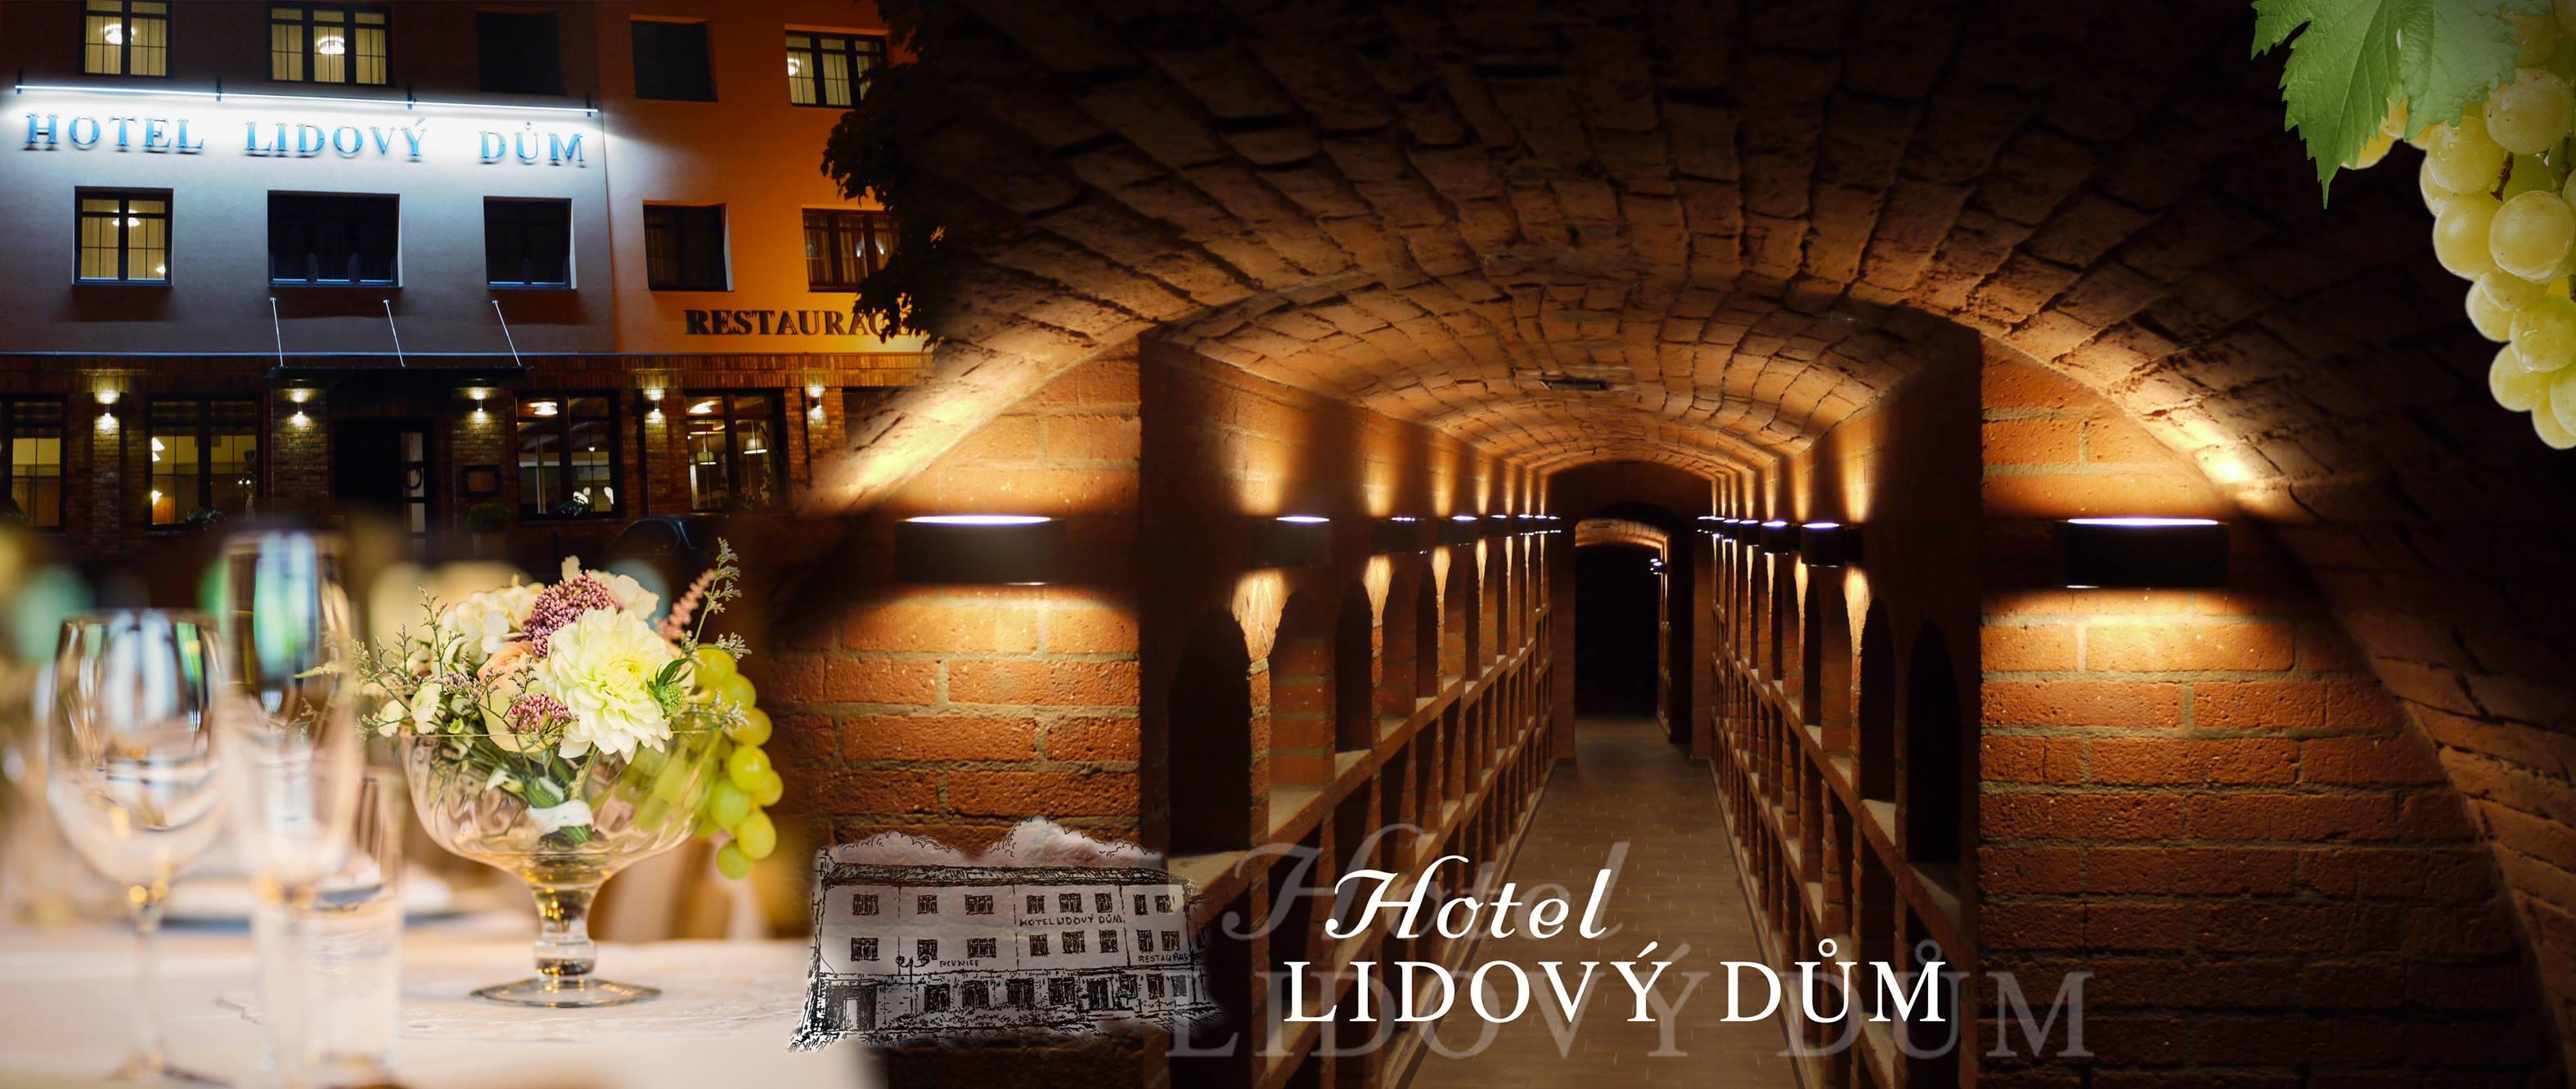 Hotel, příjemné ubytování ve vinařské oblasti Bzenec, školicí místnost pro firemní akce